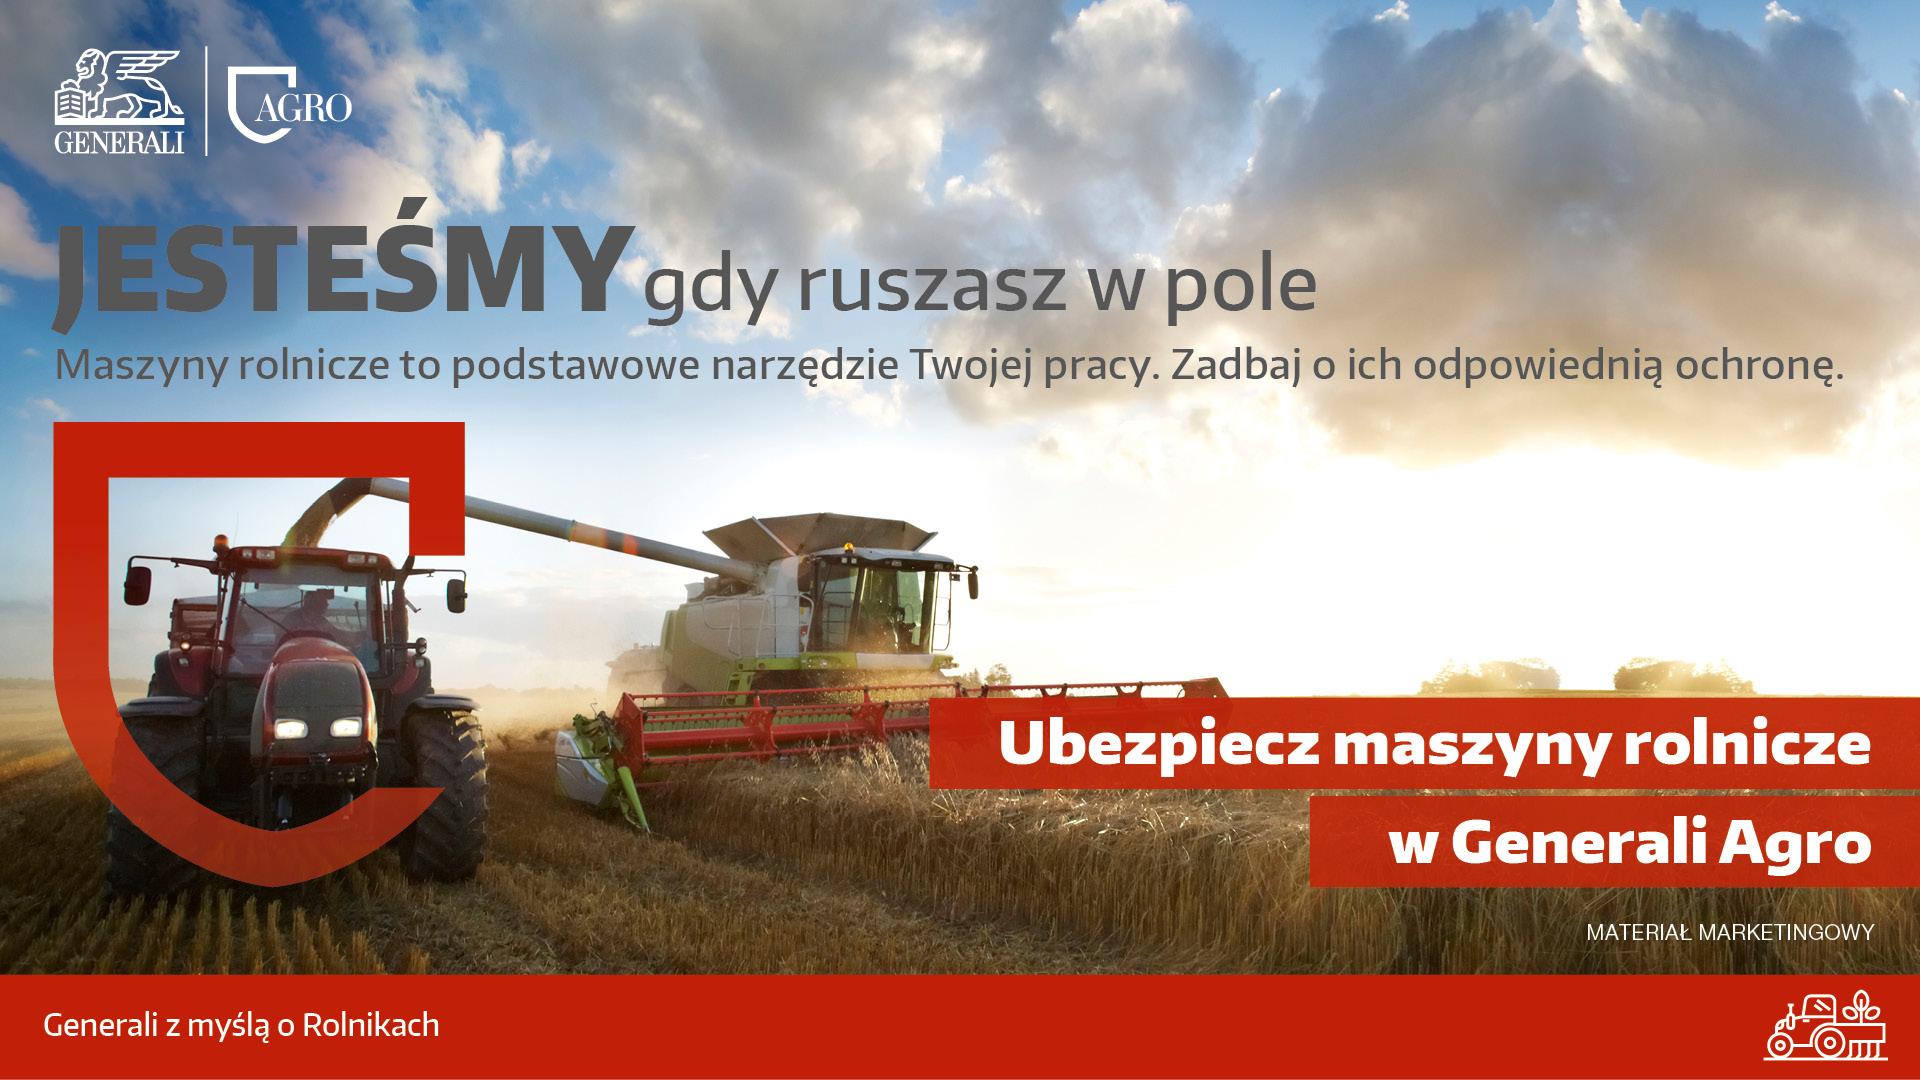 Generali_Agro_BS_2021_Maszyny_baner_www_1920x1080px.jpg